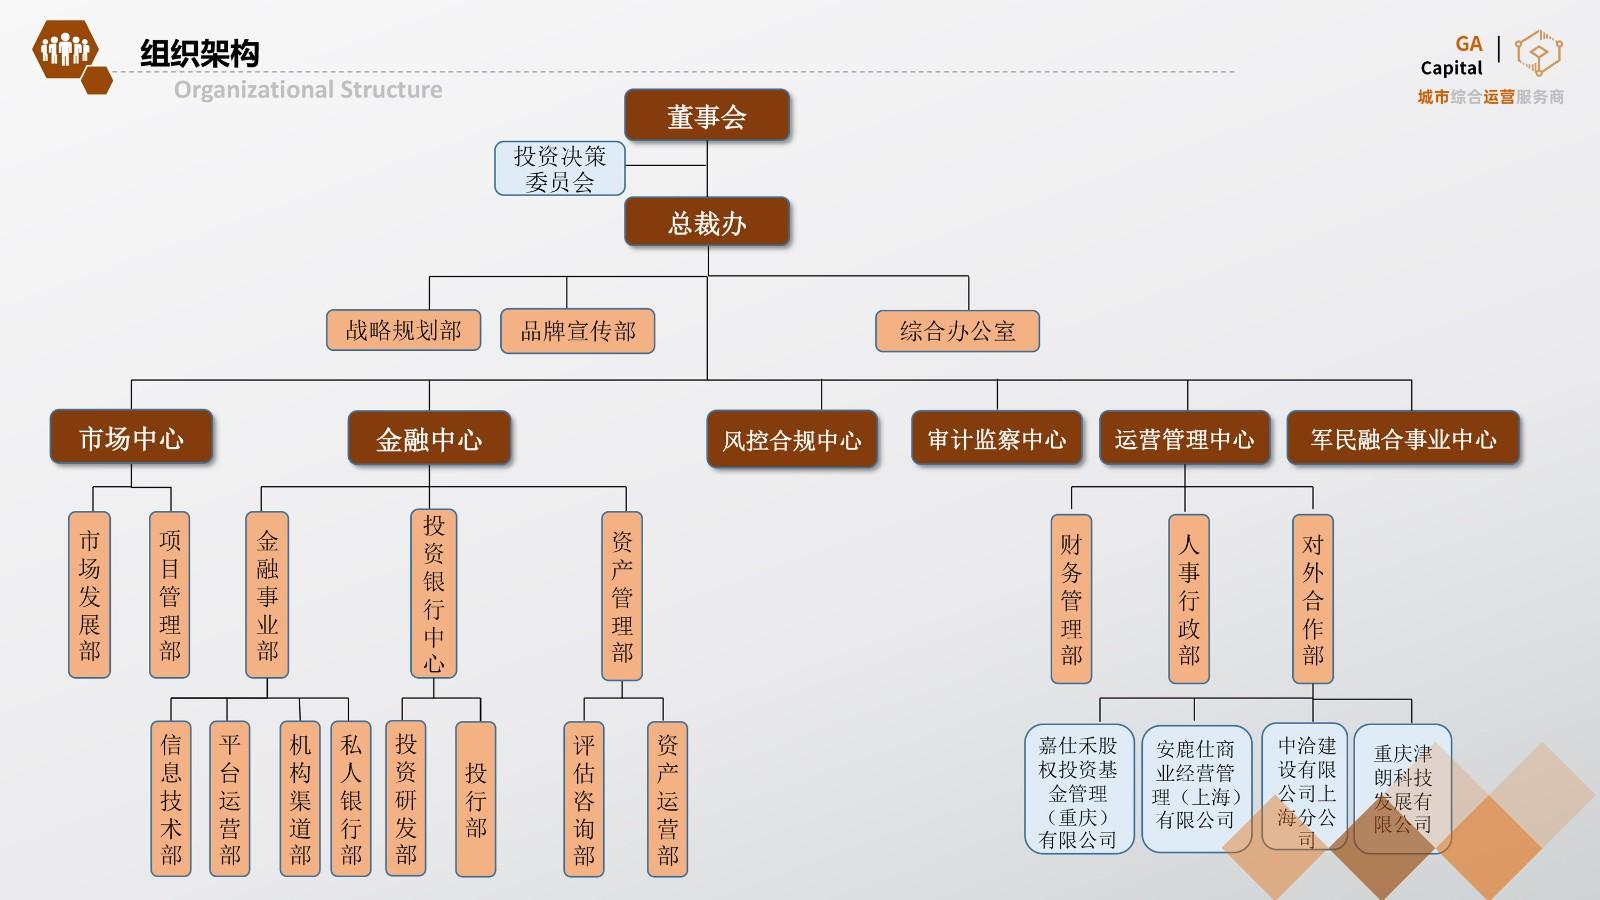 嘉仕禾资本公司介绍2019年5月7日---官网用-8.jpg